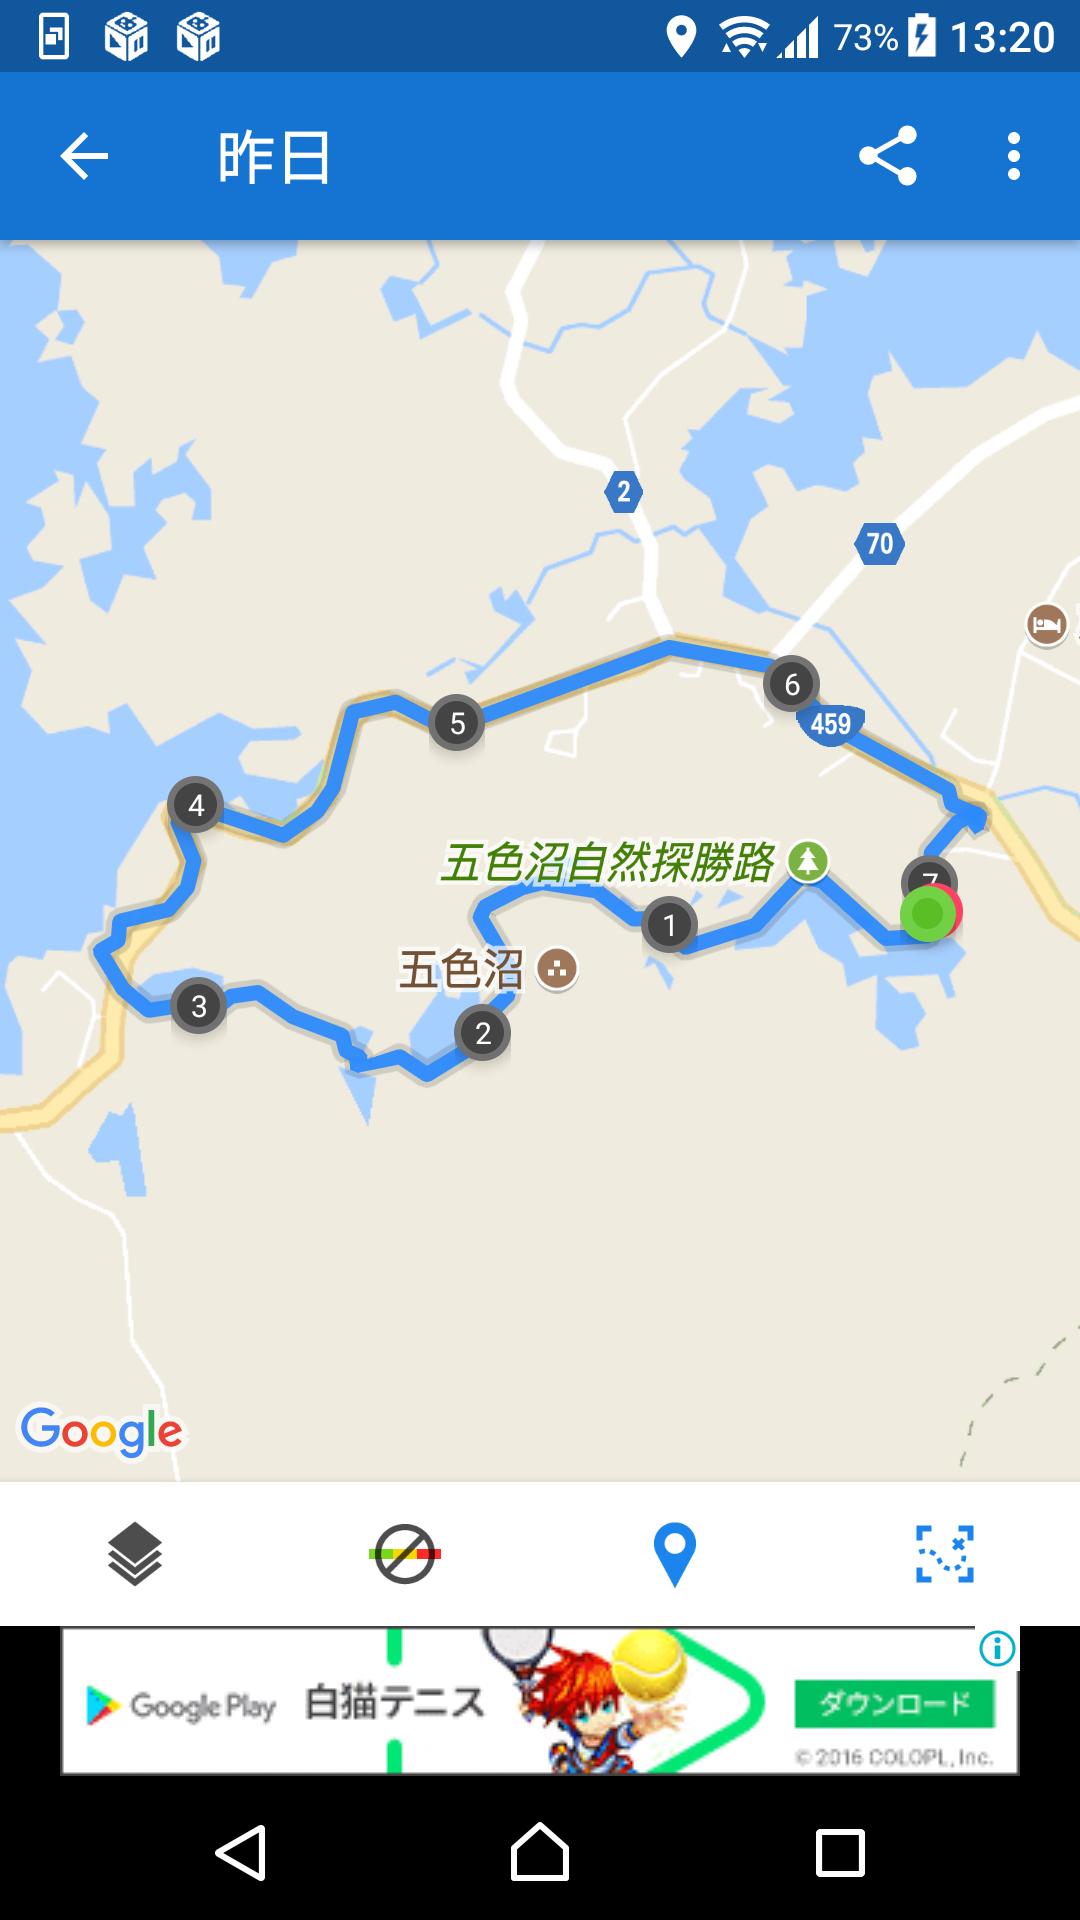 f:id:ynakayama27:20170713134224p:plain